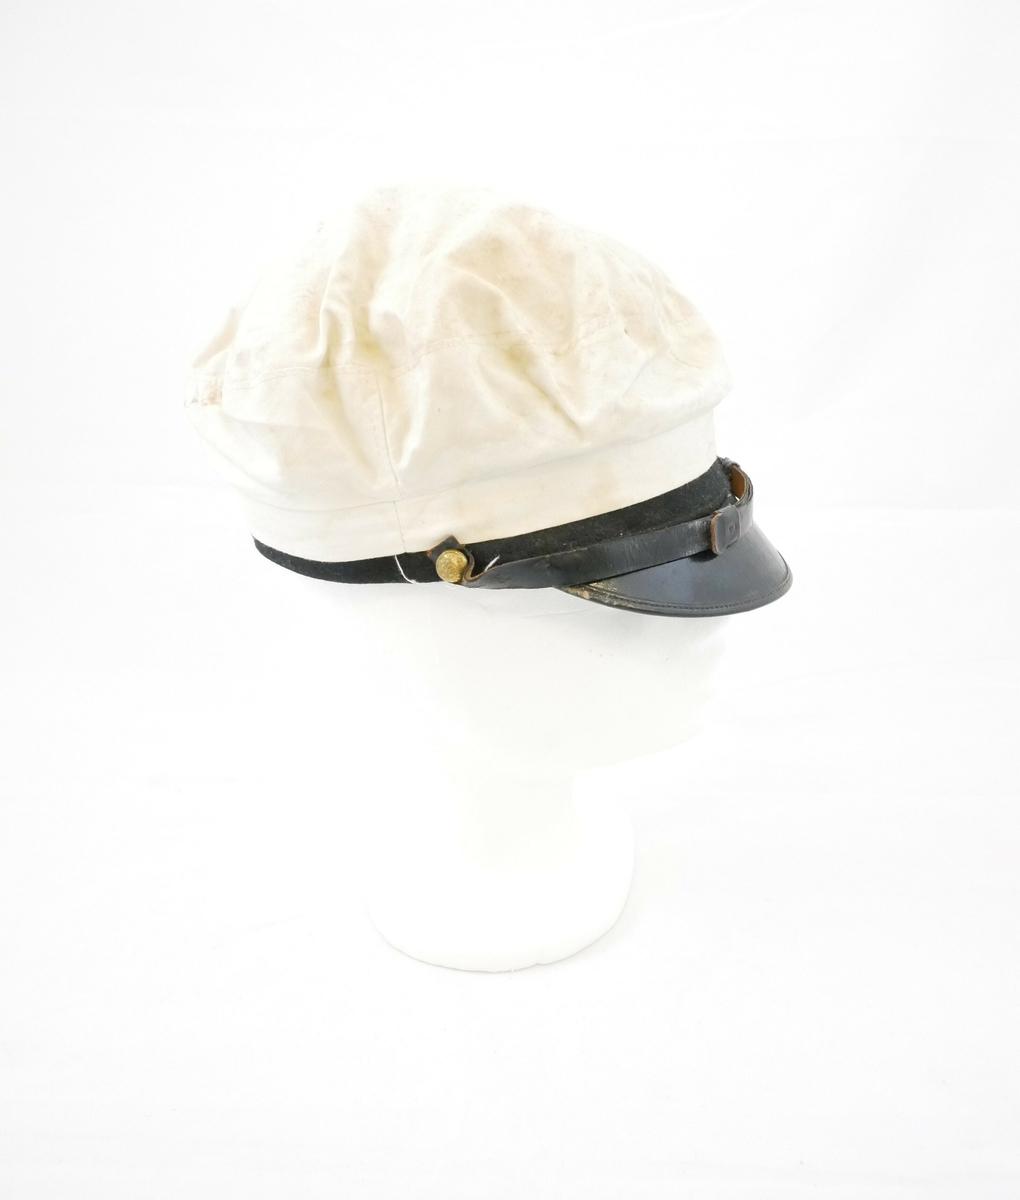 Lue med pull i hvitt bomullsmateriale, en svart brem foran på lua. Ett svart bånbd festet med to knapper i gullfarge på hver side går over bremmen.   Merkelapp, innsiden:  C BRANDT // BERGEN // NORW.